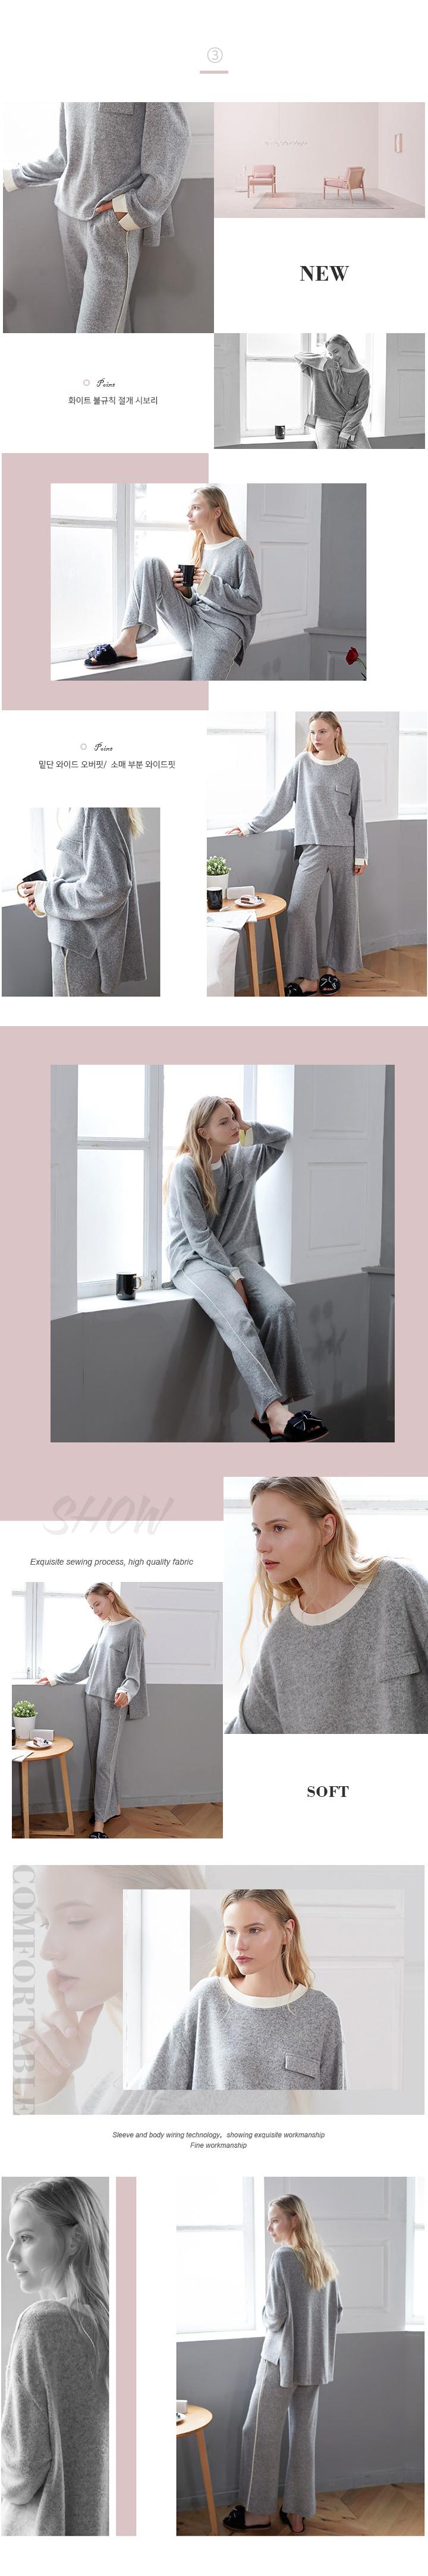 소프트 면 그레이 여성잠옷 세트 - 리빙잇템, 39,600원, 잠옷, 여성파자마